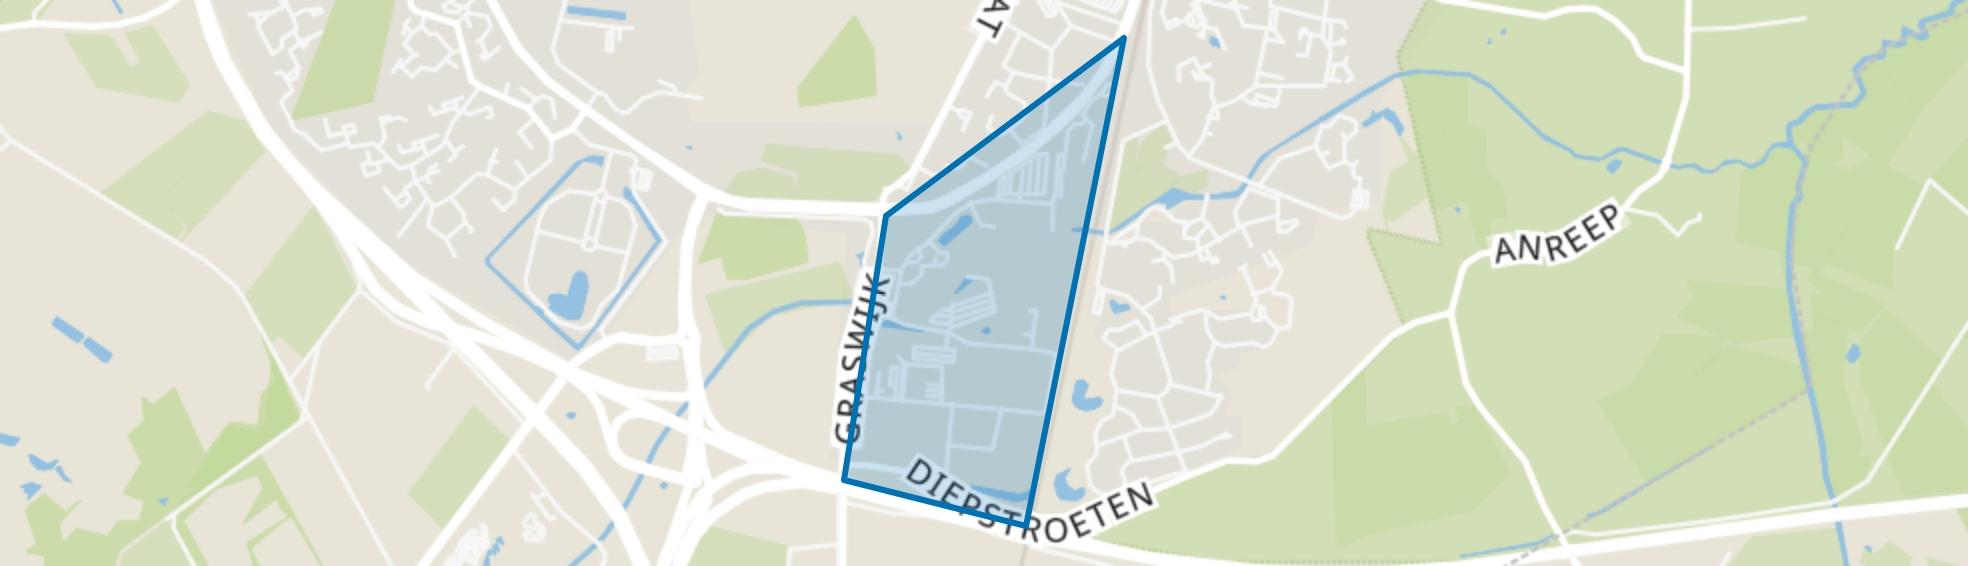 De Maten, Assen map